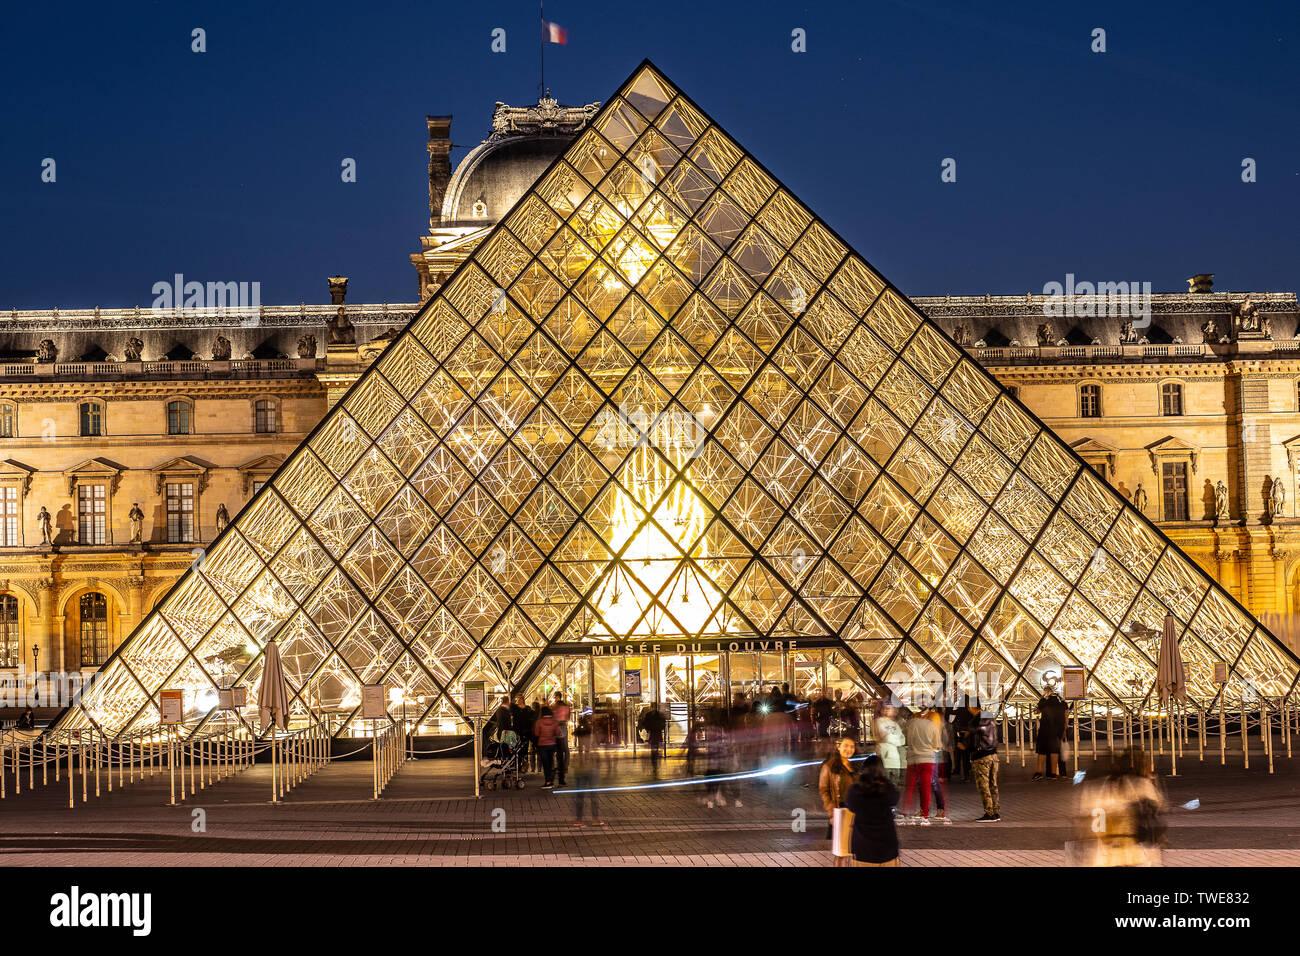 París, Francia, 04 de octubre de 2018: El Palacio del Louvre y la pirámide (por la noche) como entrada dentro del Museo del Louvre, los turistas paseos, tomar fotos Foto de stock